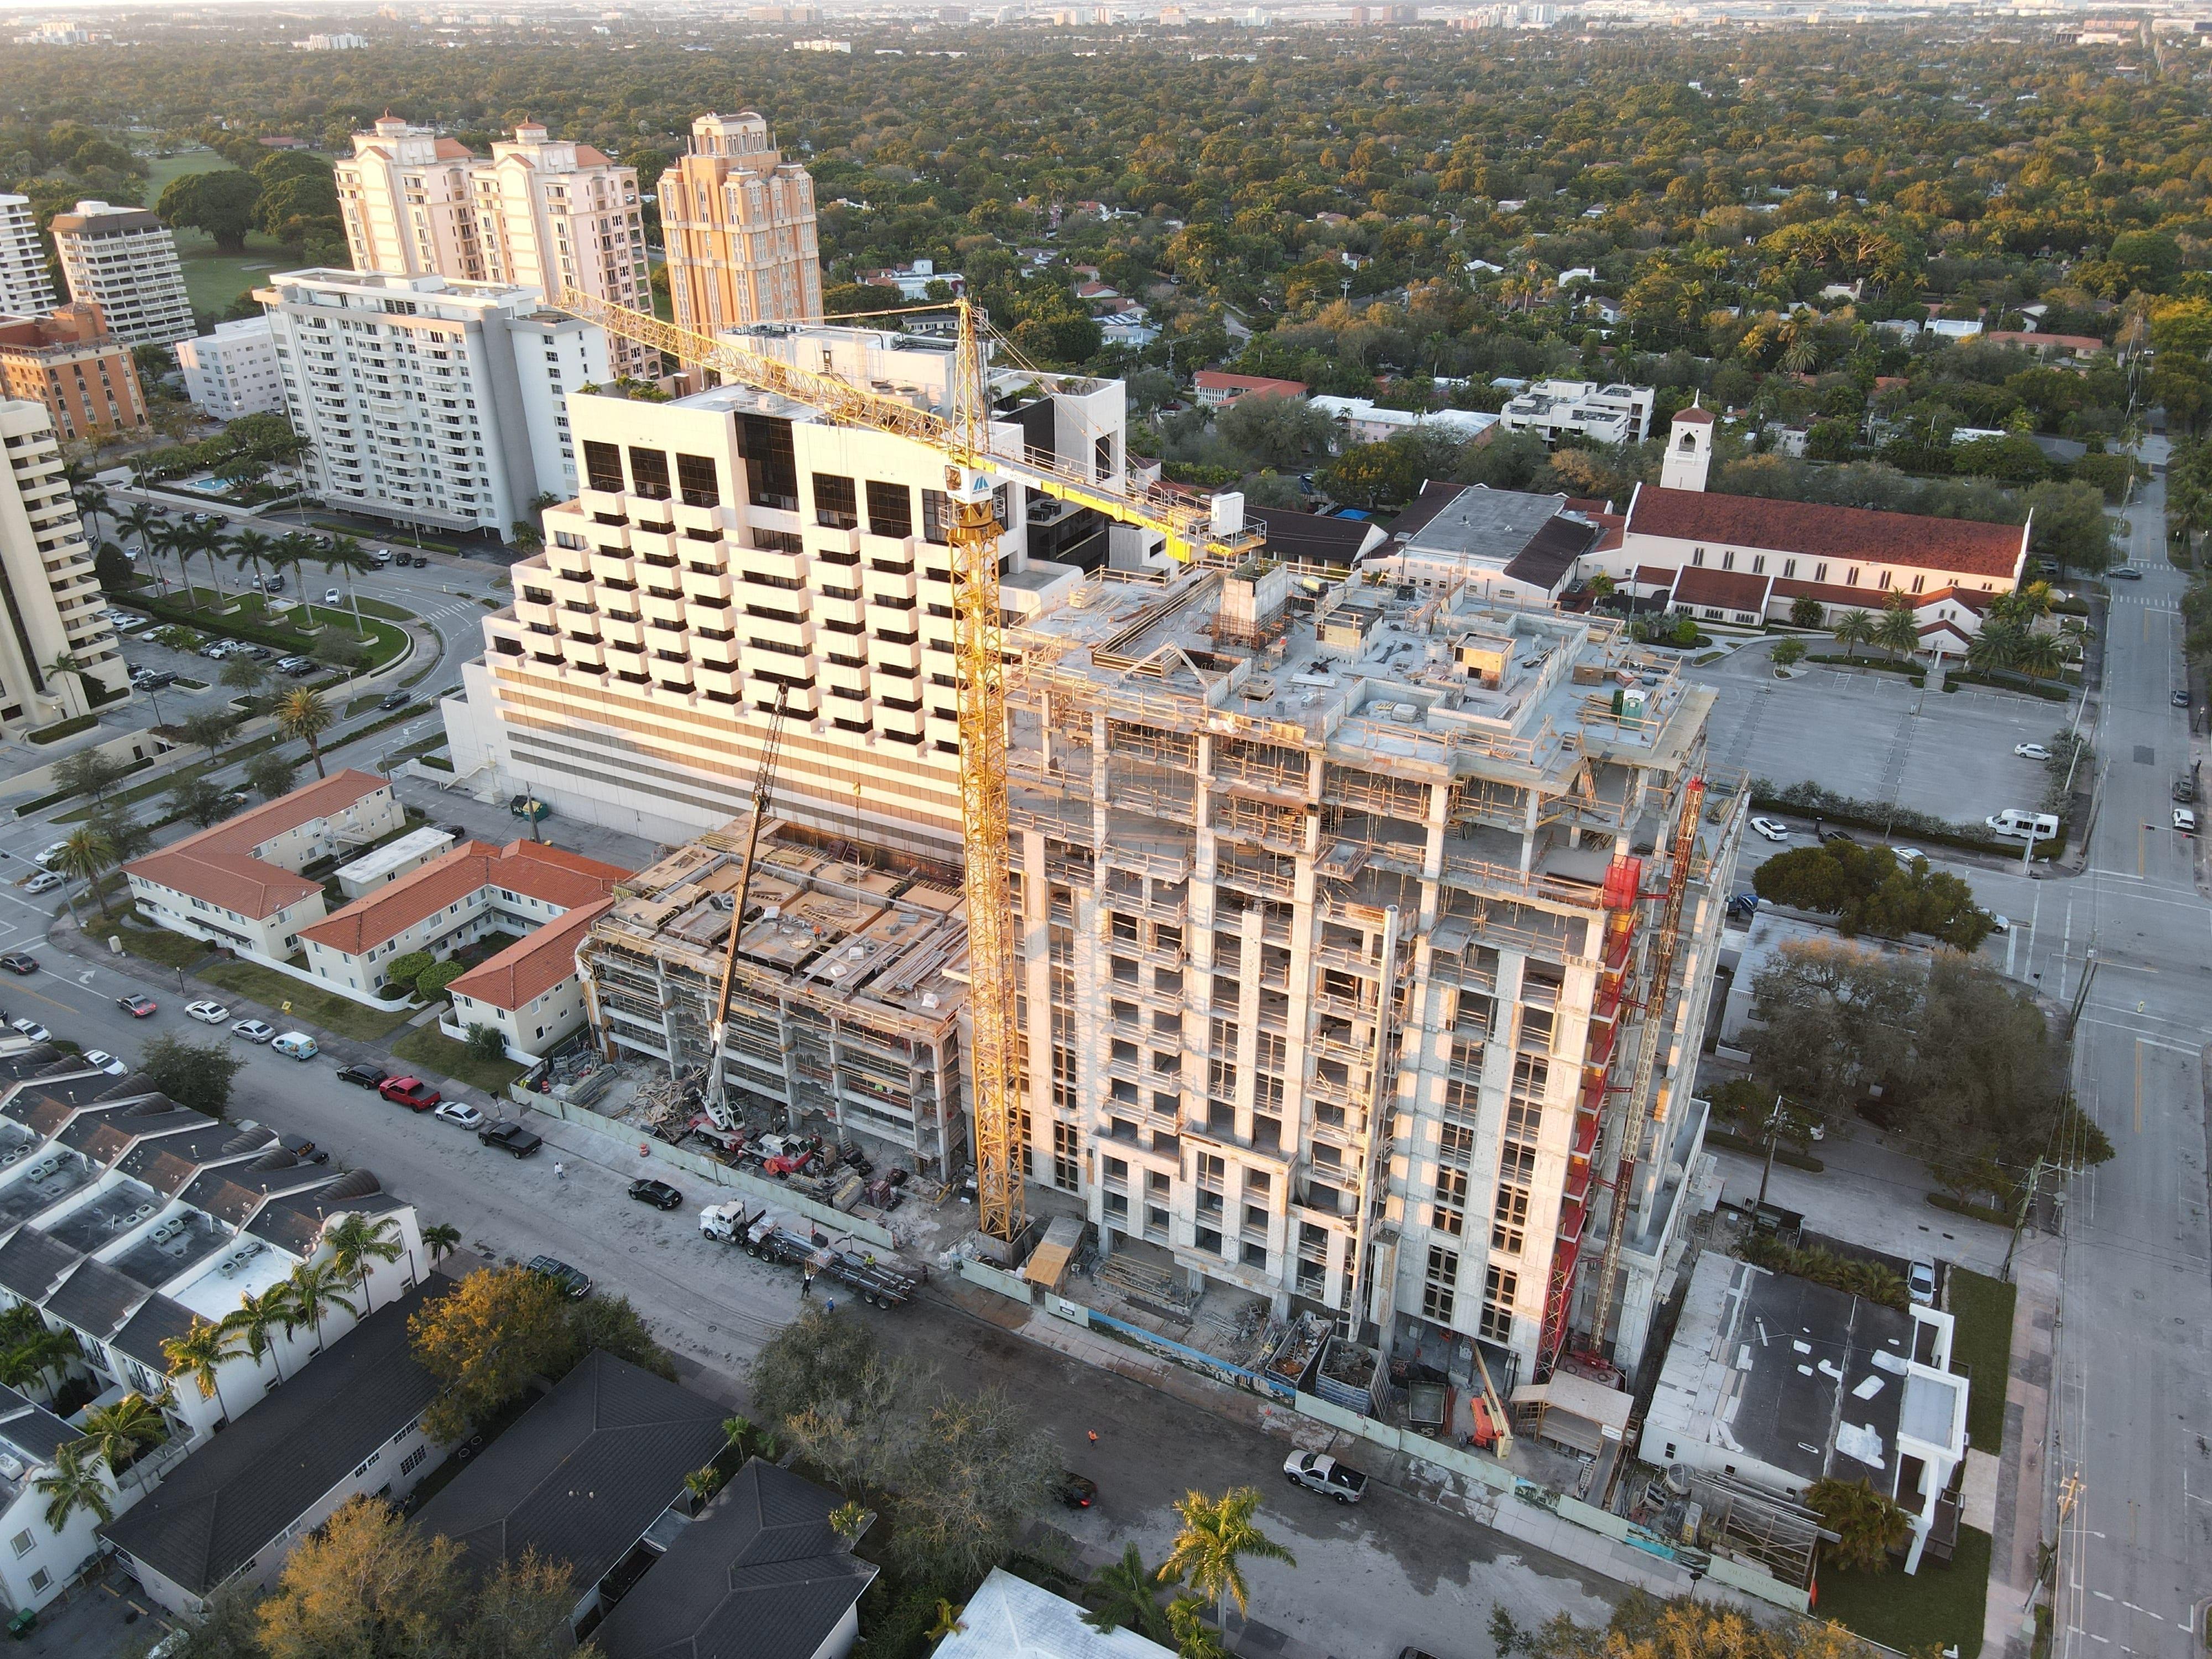 Villa Valencia in Miami's Community Newspapers